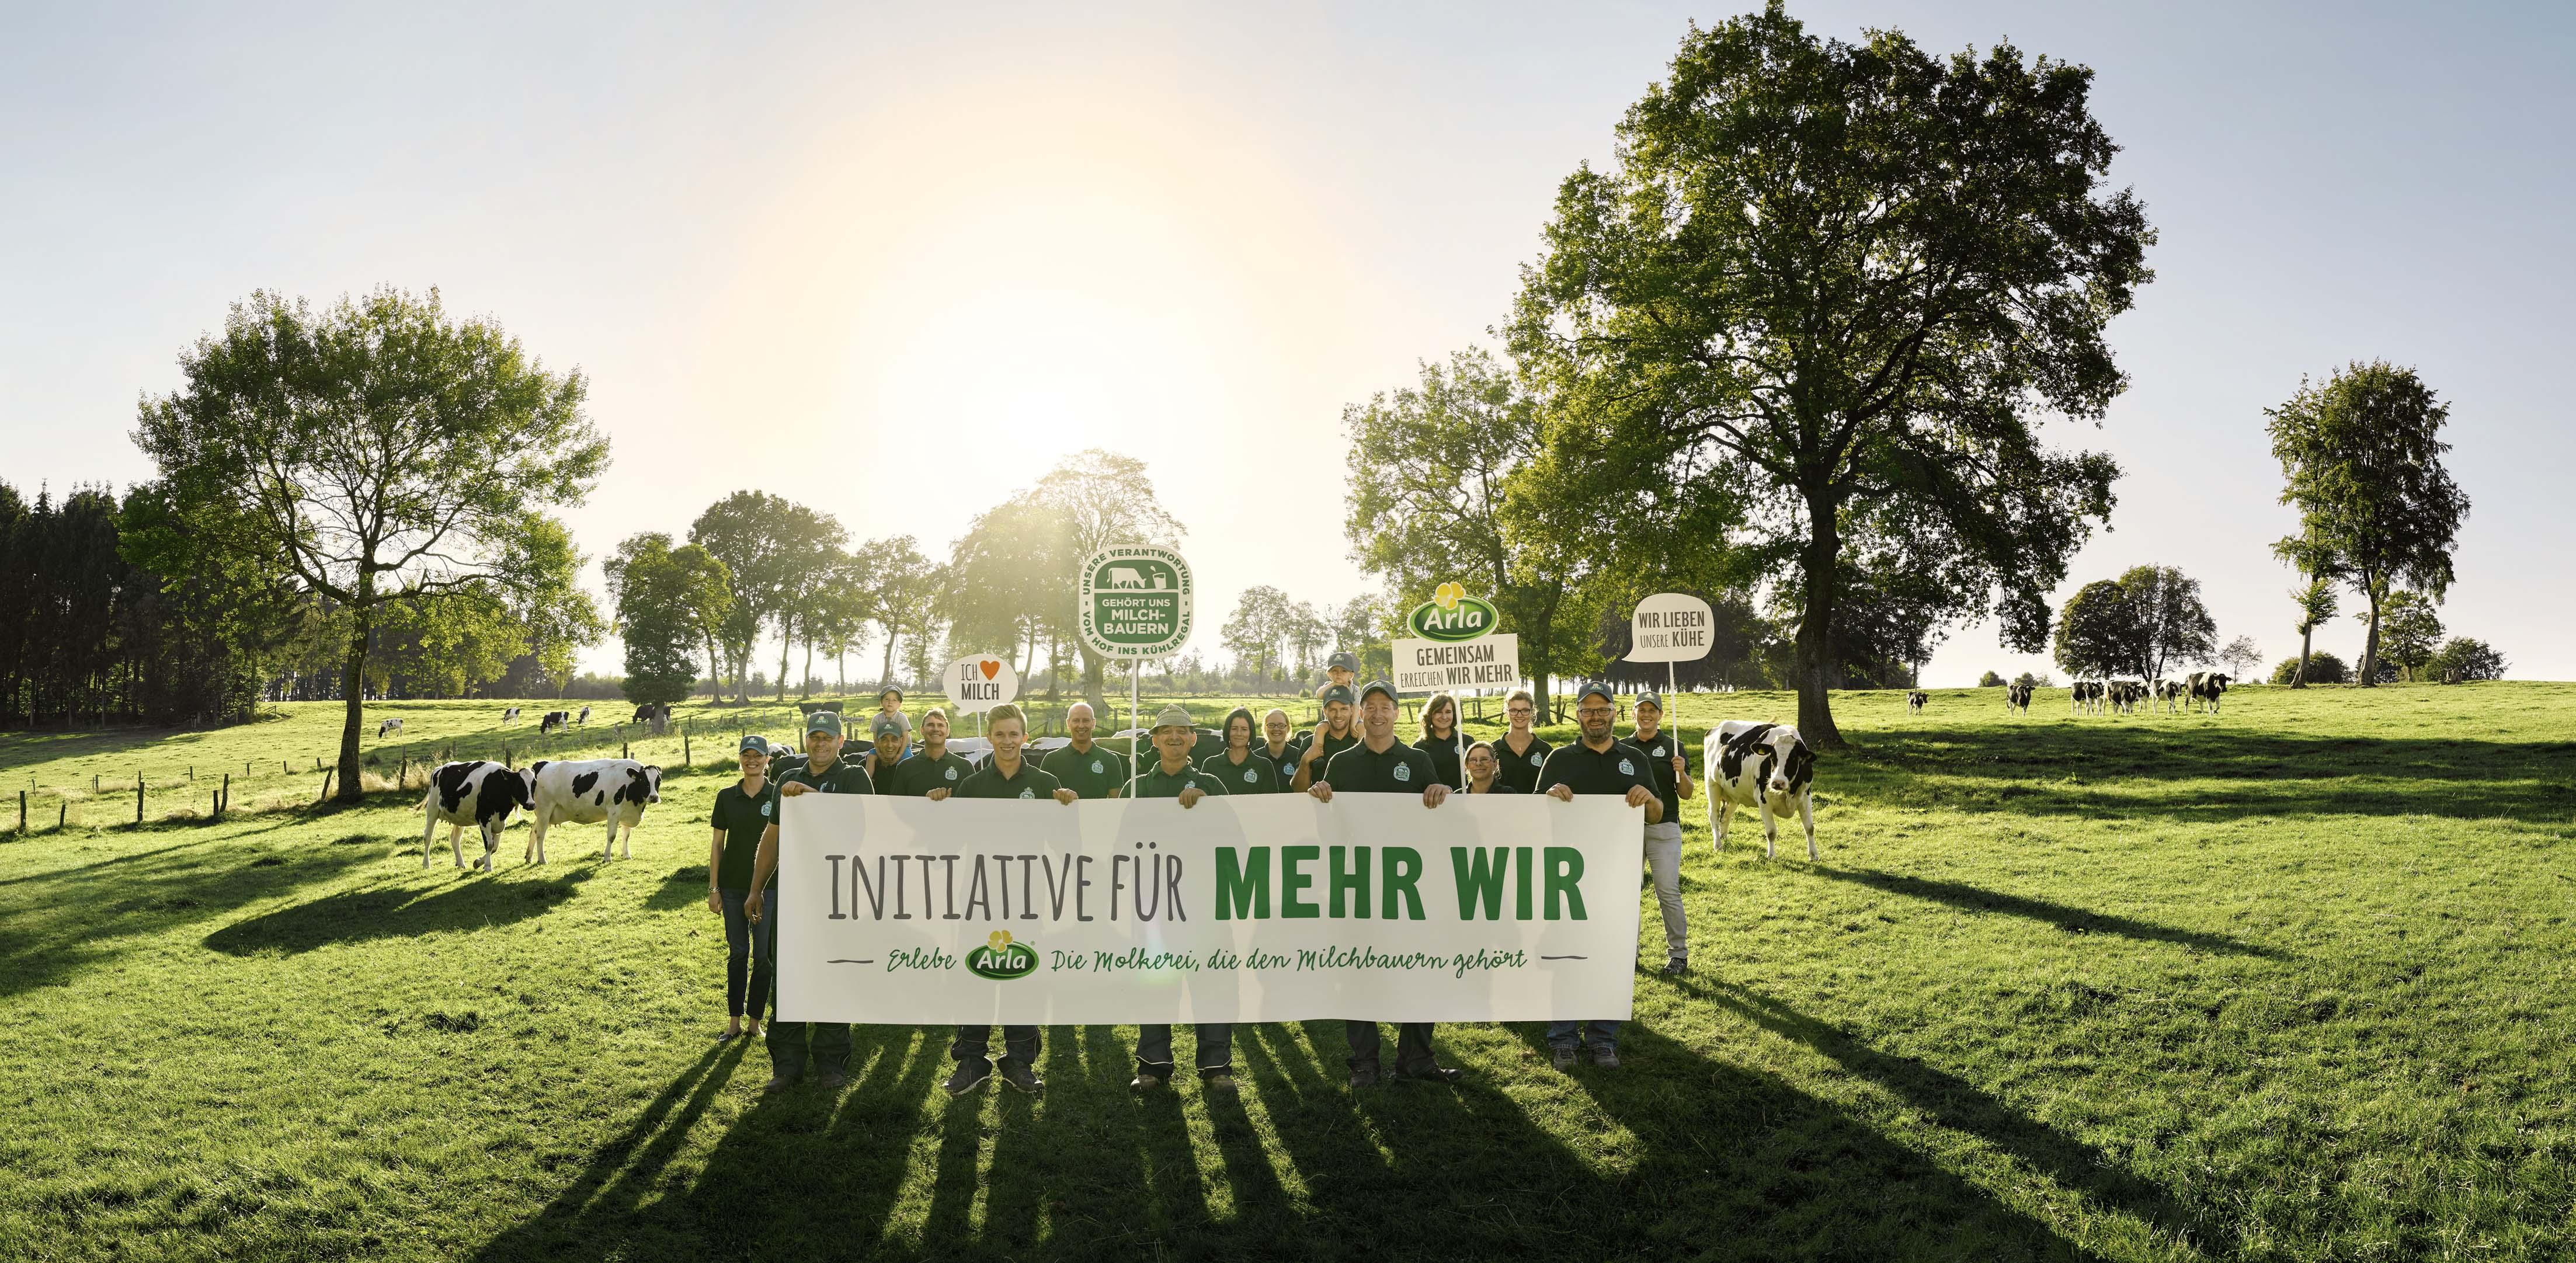 Die Arla Initiative für MEHR WIR